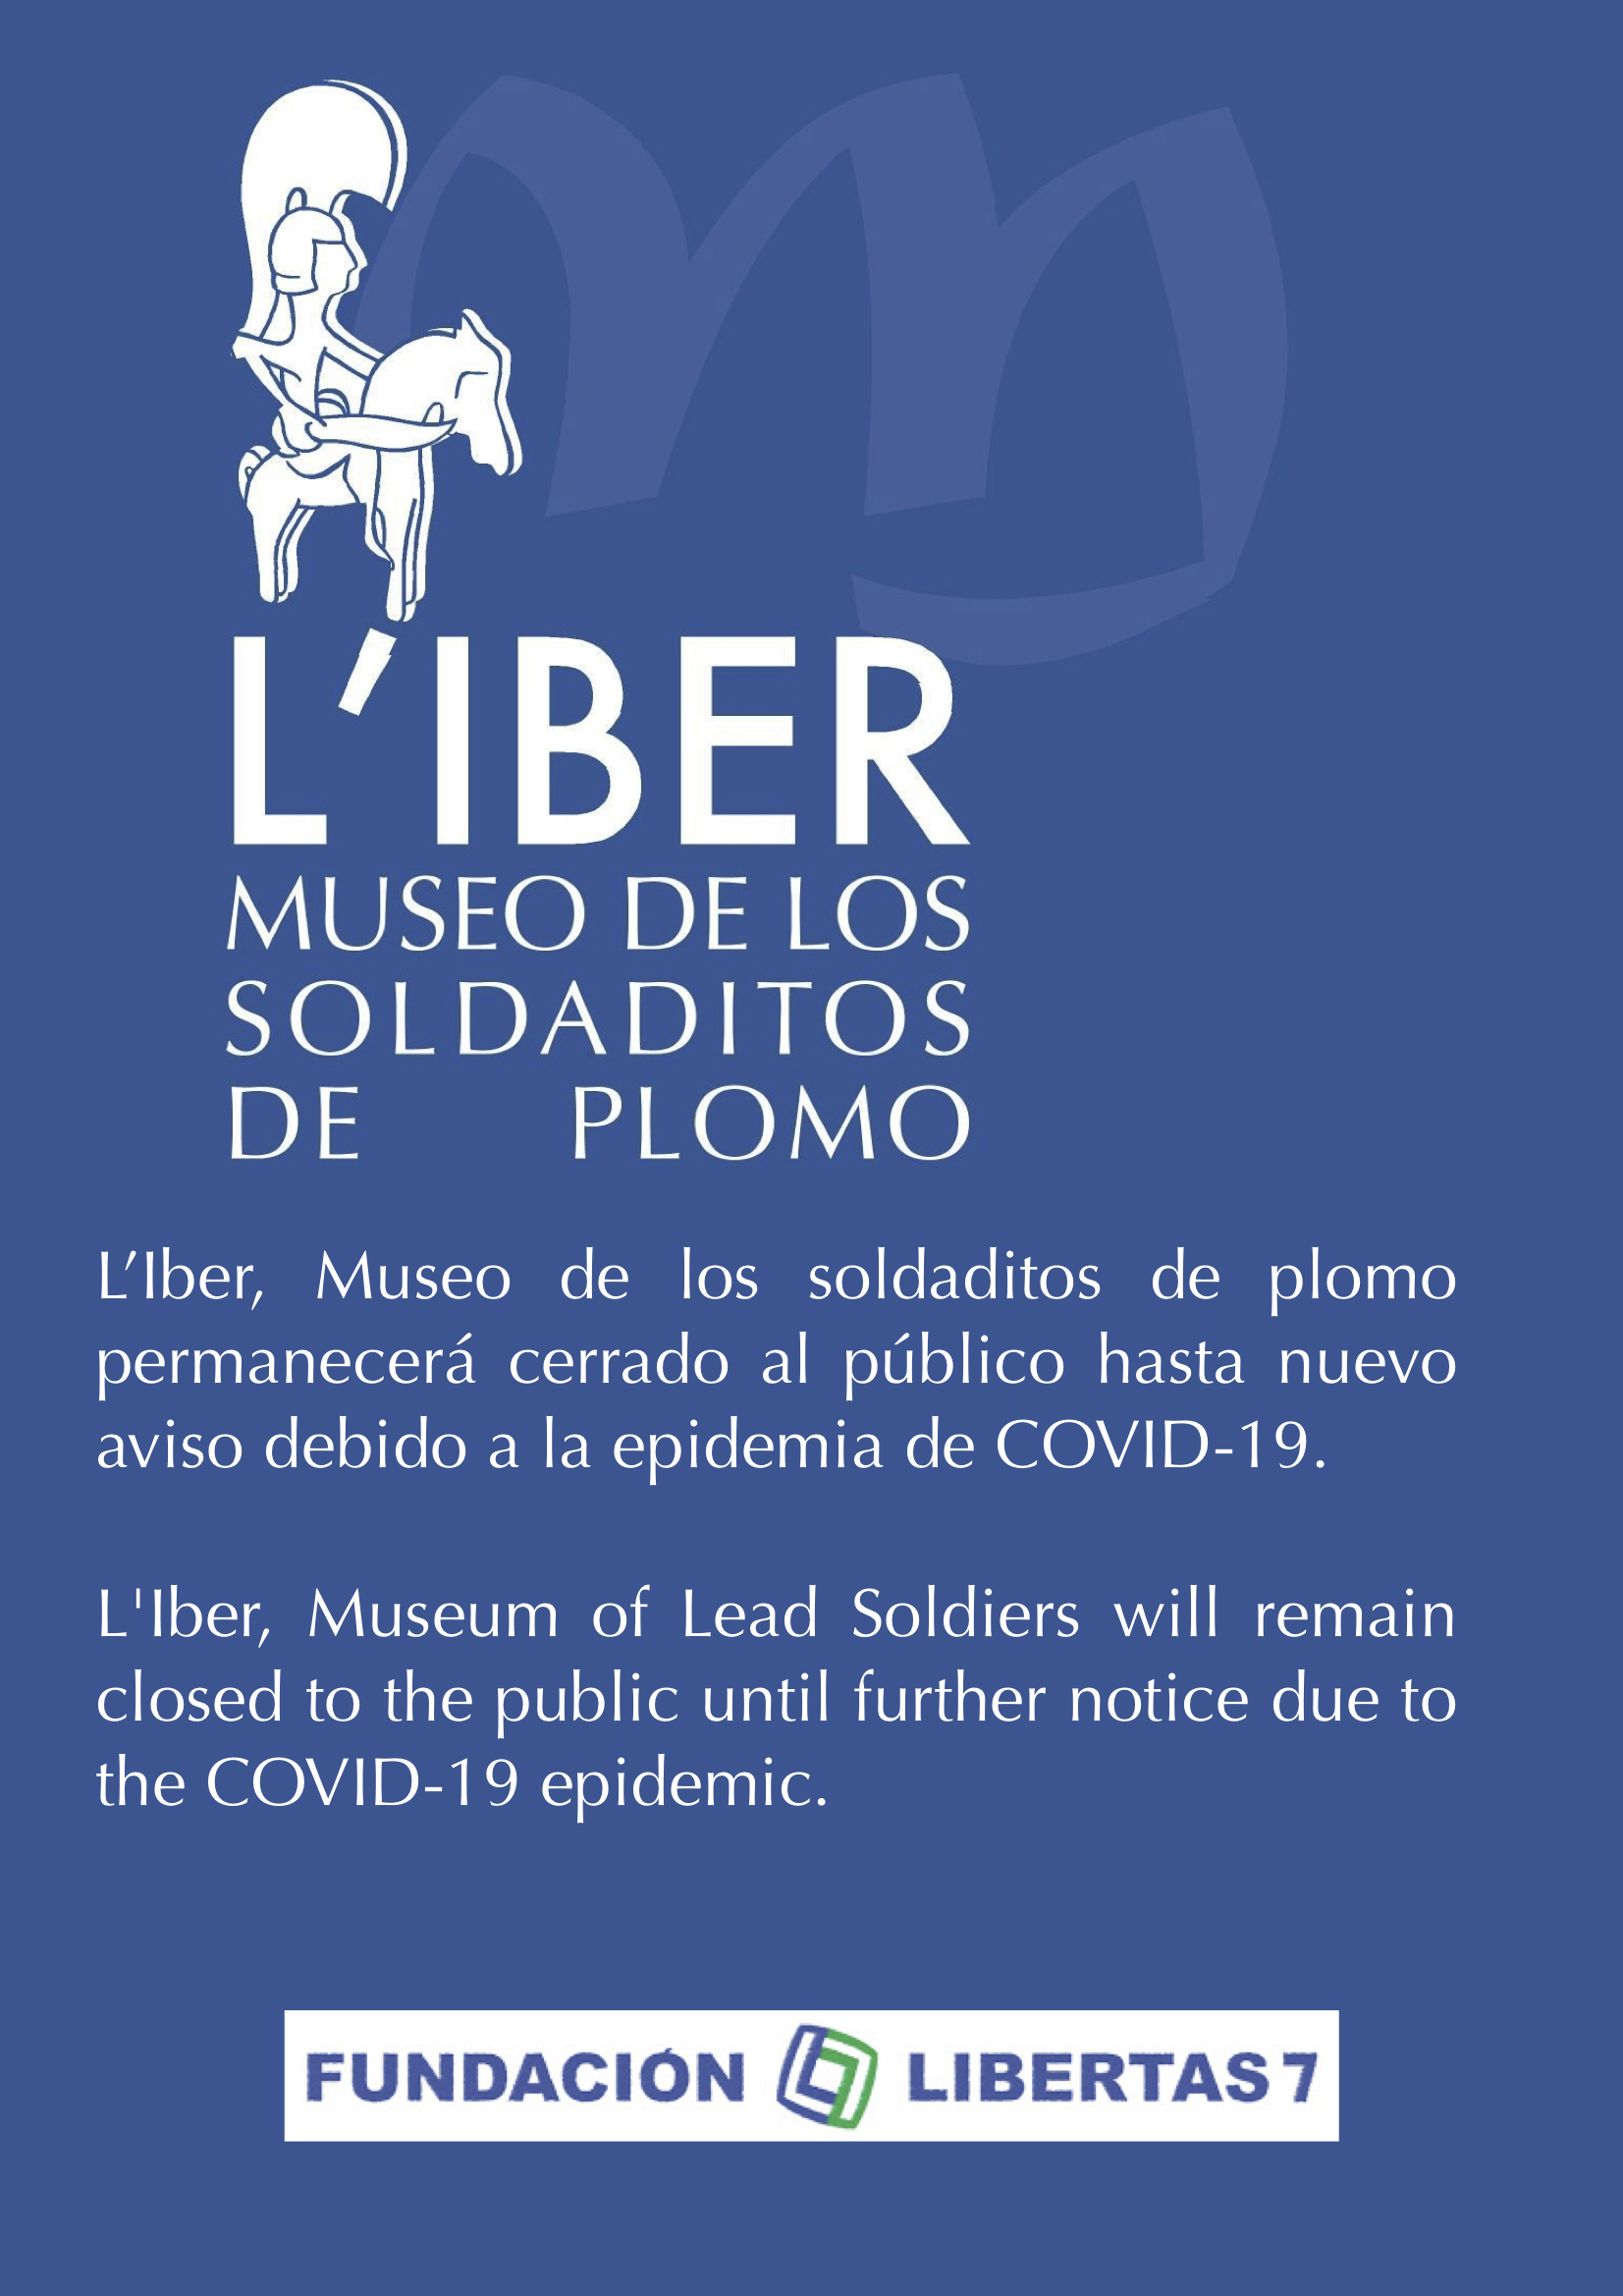 L'Iber, Museo de los soldaditos de plomo permanecerá cerrado al público hasta nuevo aviso debido a la epidemia de COVID-19